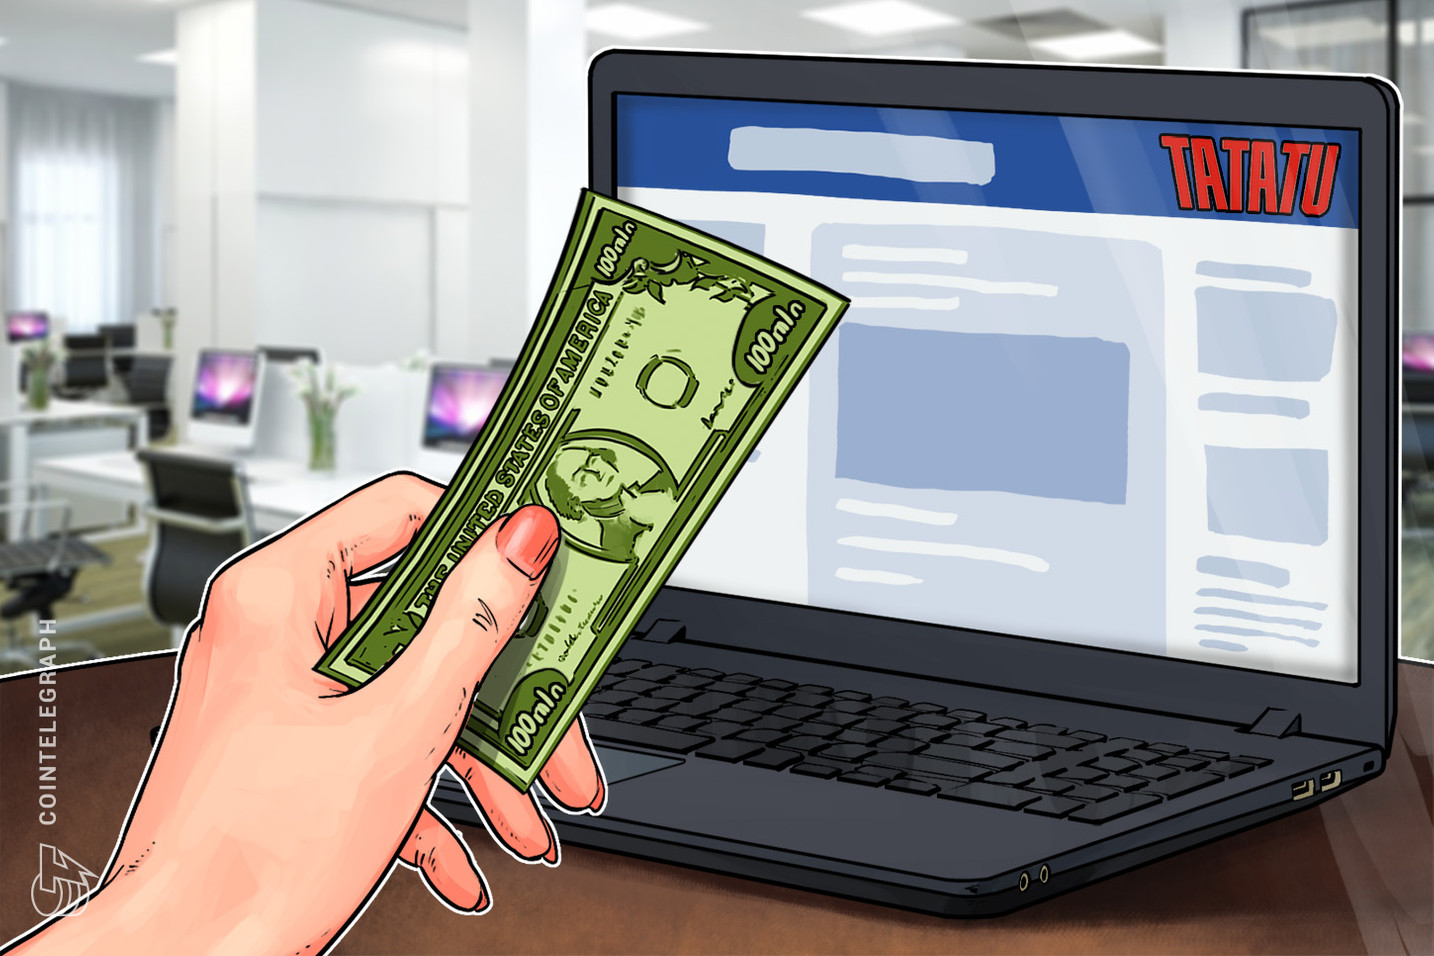 バカルディ後継者、ブロックチェーンのエンタメ事業に1億ドル投資